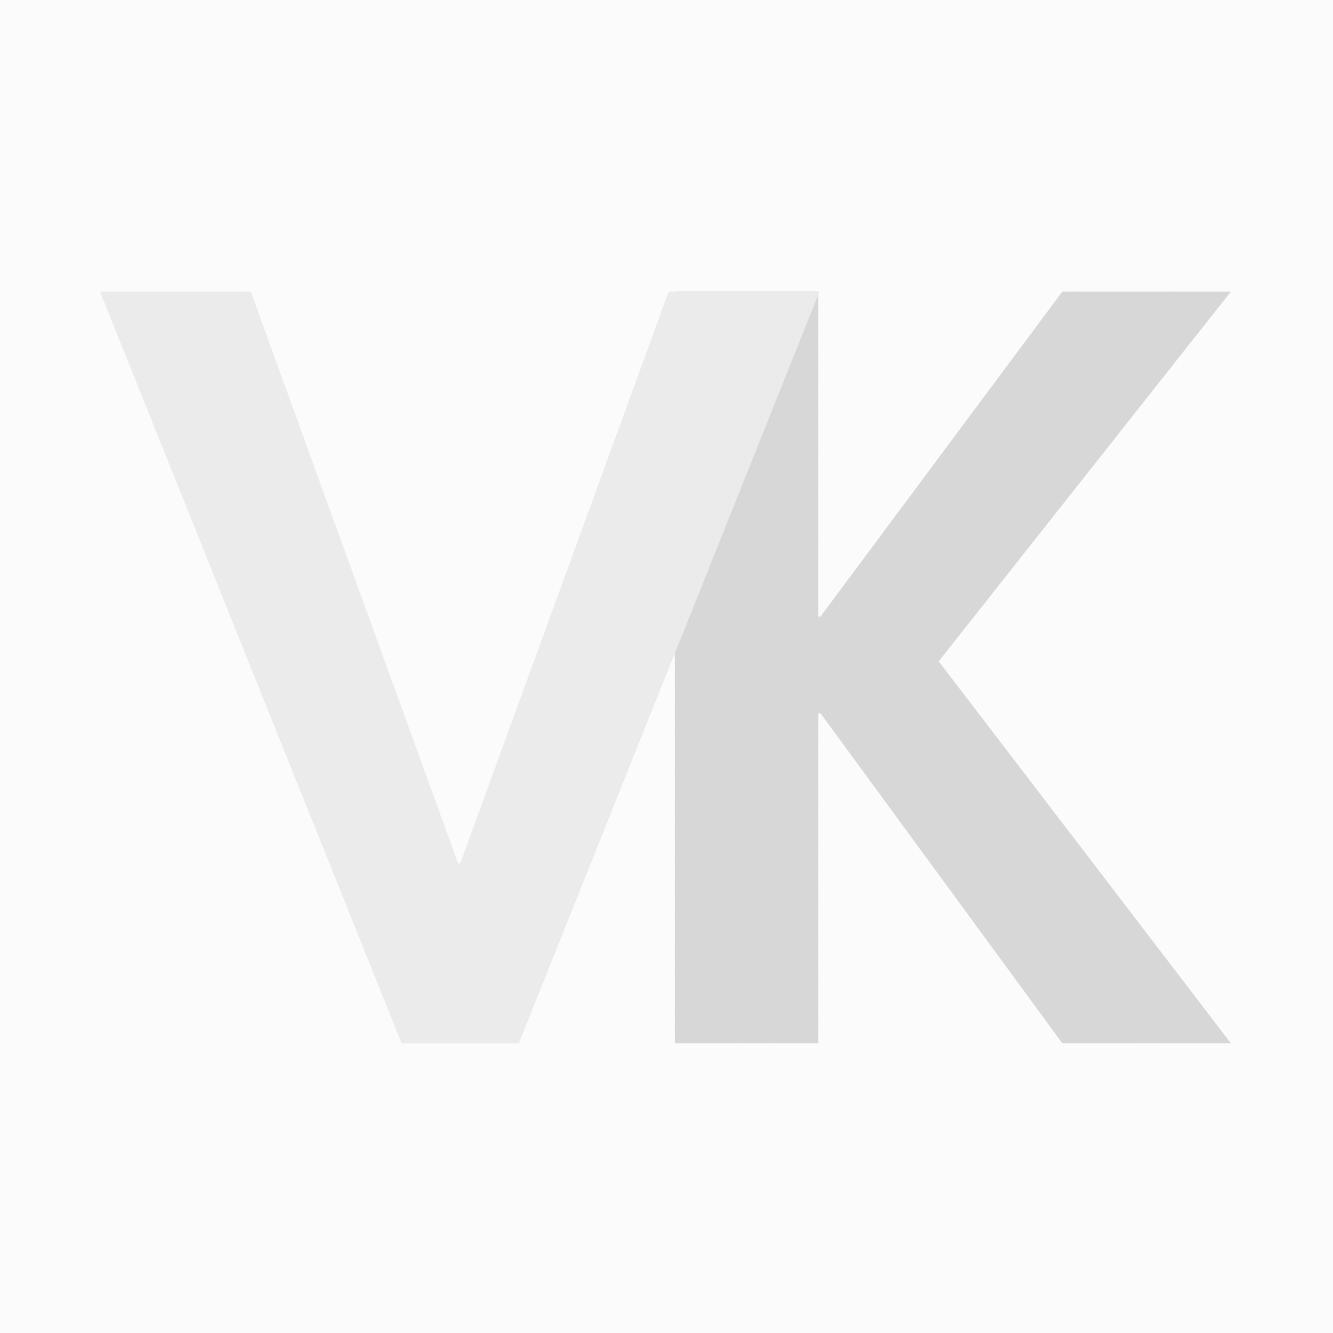 Schwarzkopf Igora Vibrance Home Kit